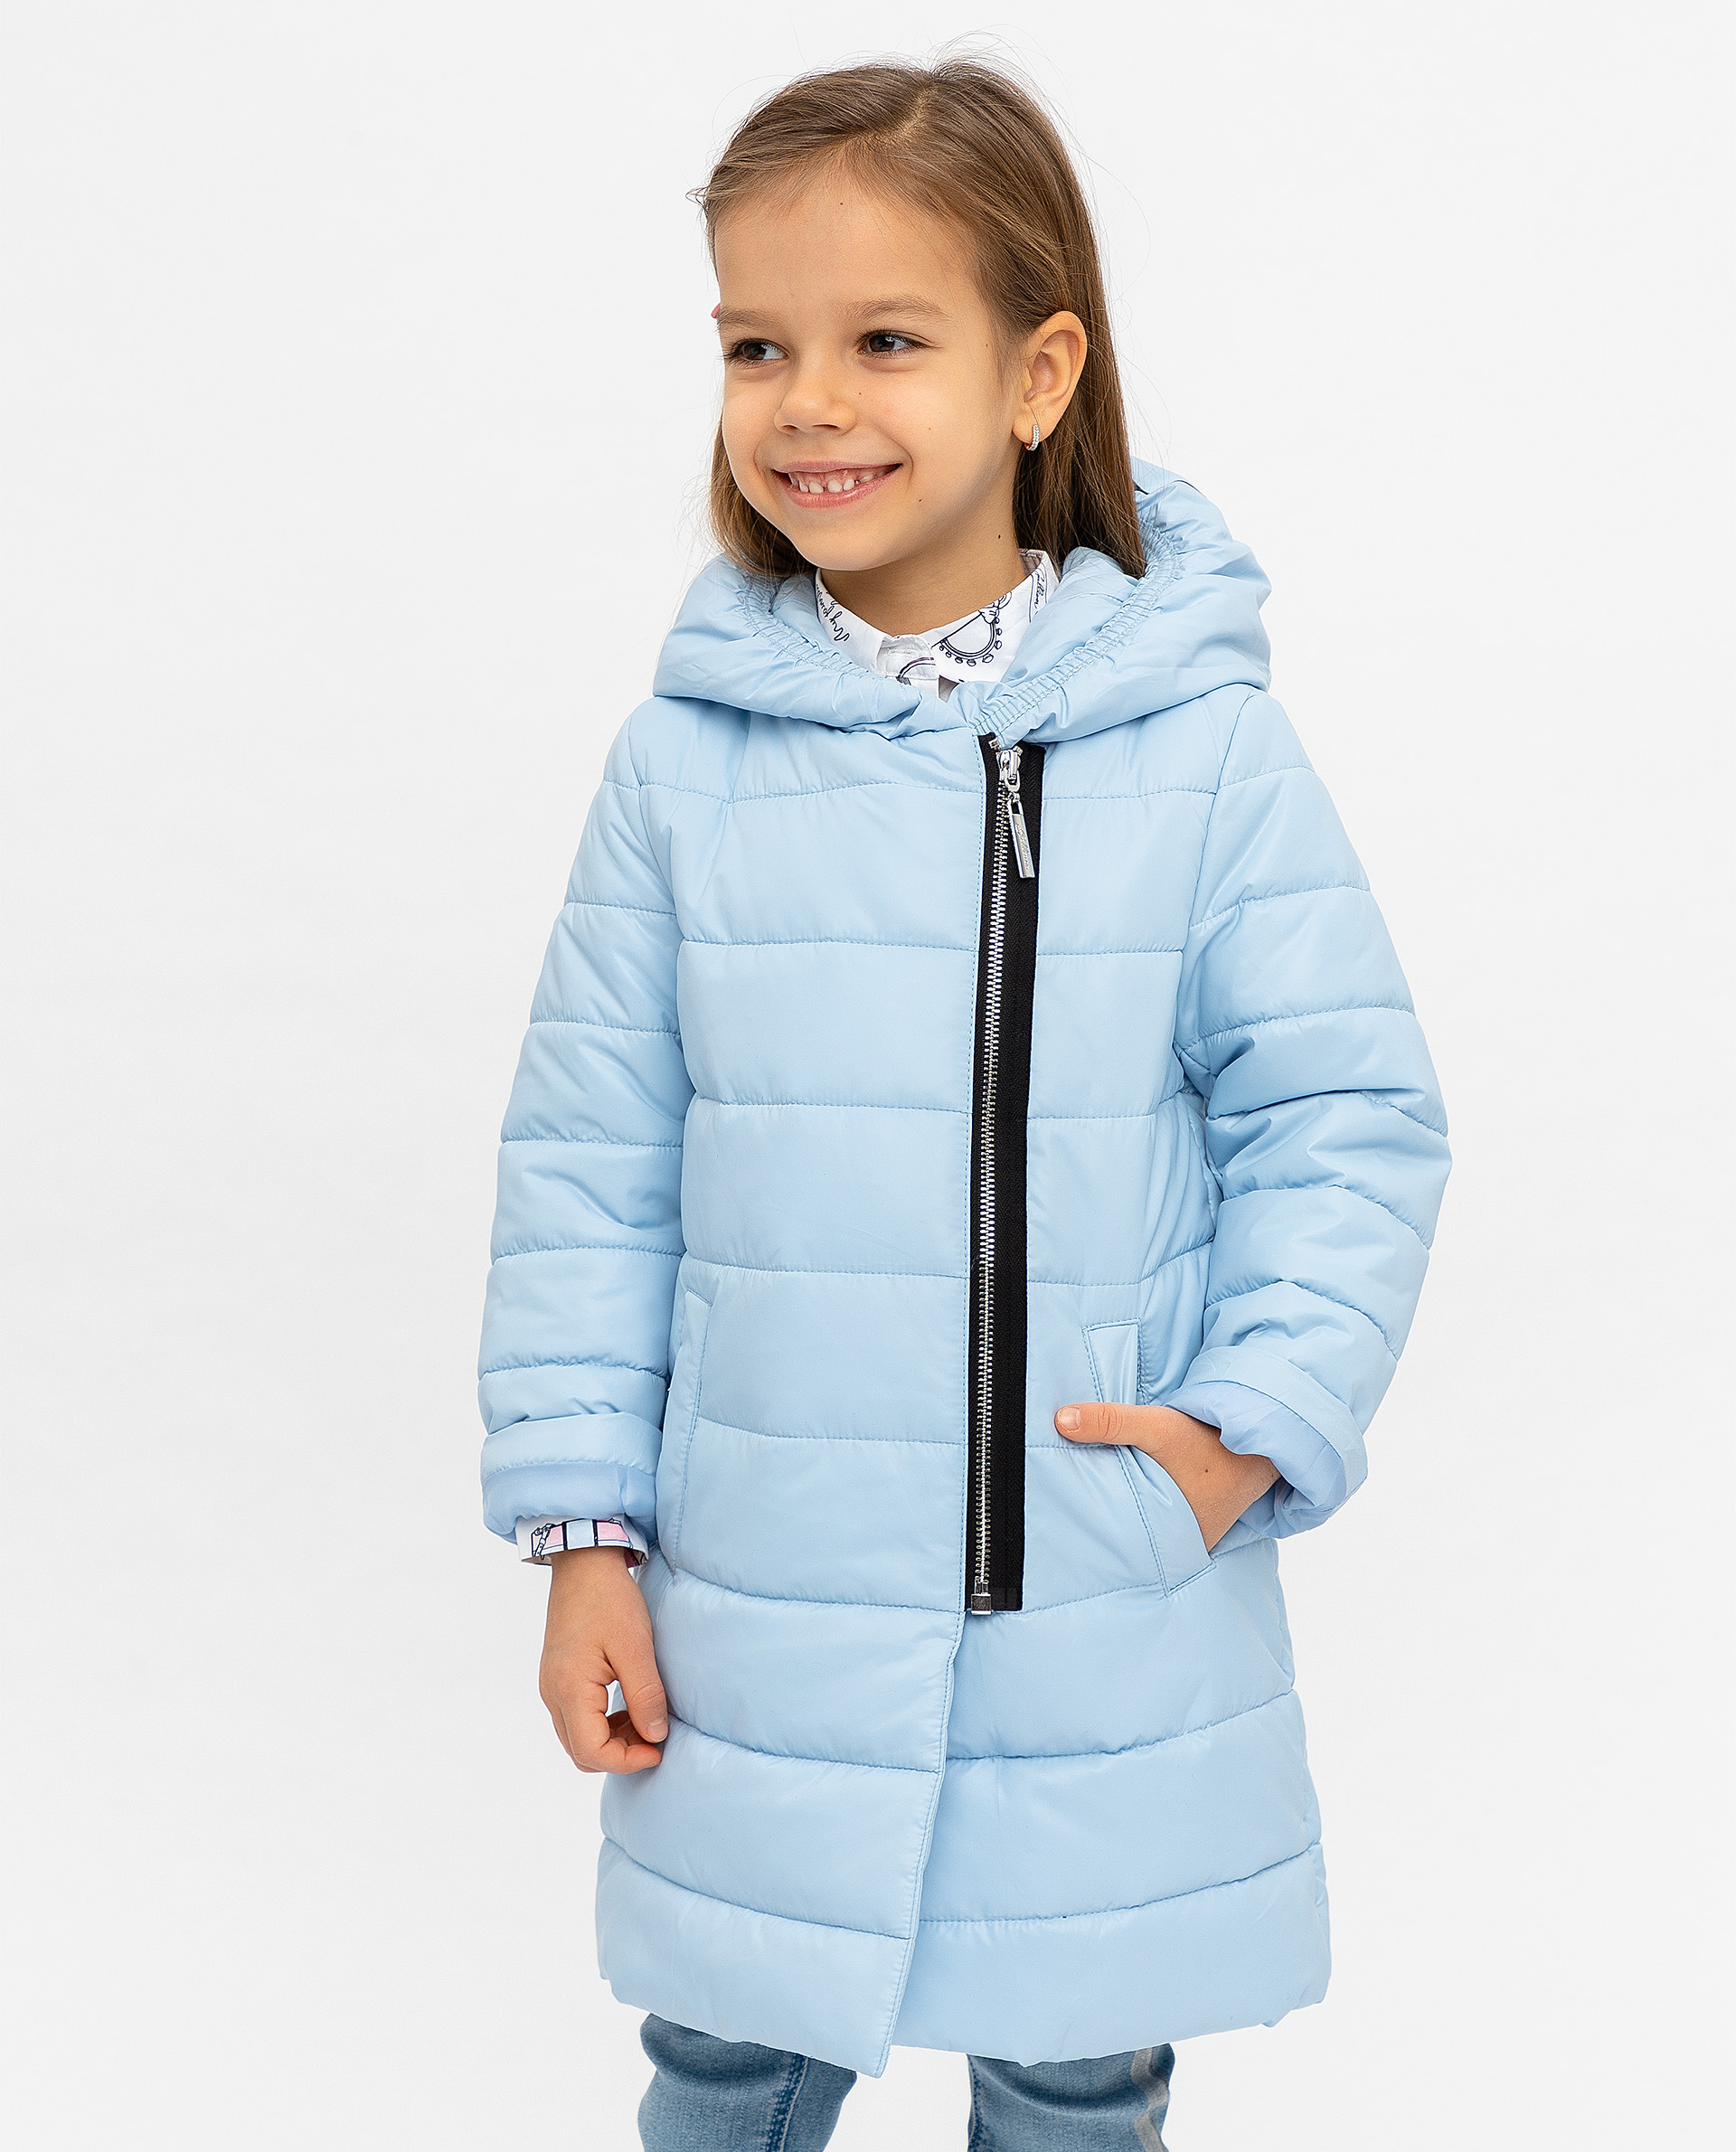 Пальто для девочек Gulliver, цв. голубой, р.128 12001GMC4501